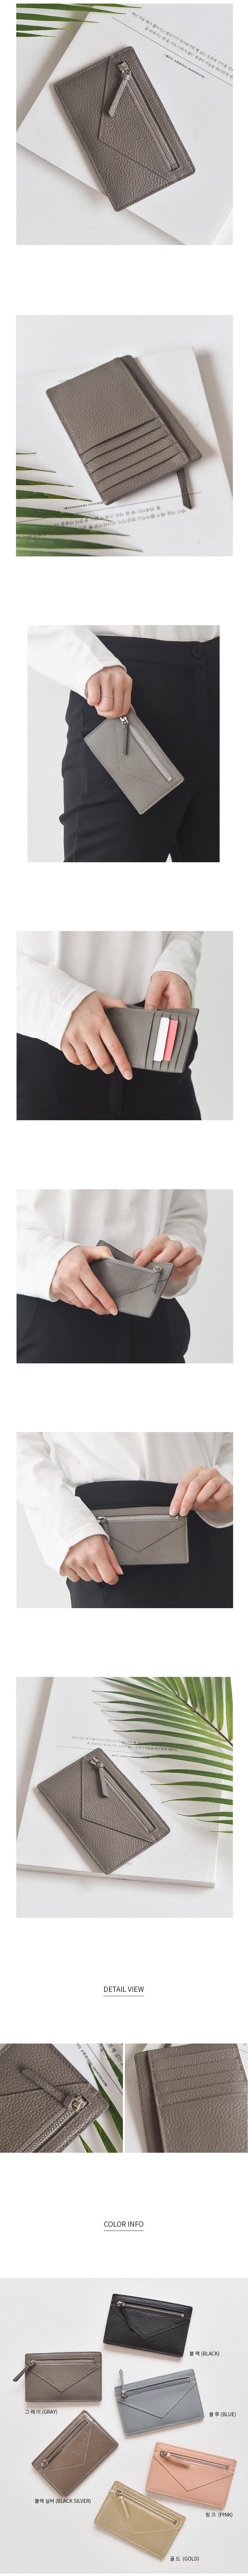 소가죽 퀼팅 포켓 카드지갑 - 릴리, 42,300원, 동전/카드지갑, 카드지갑